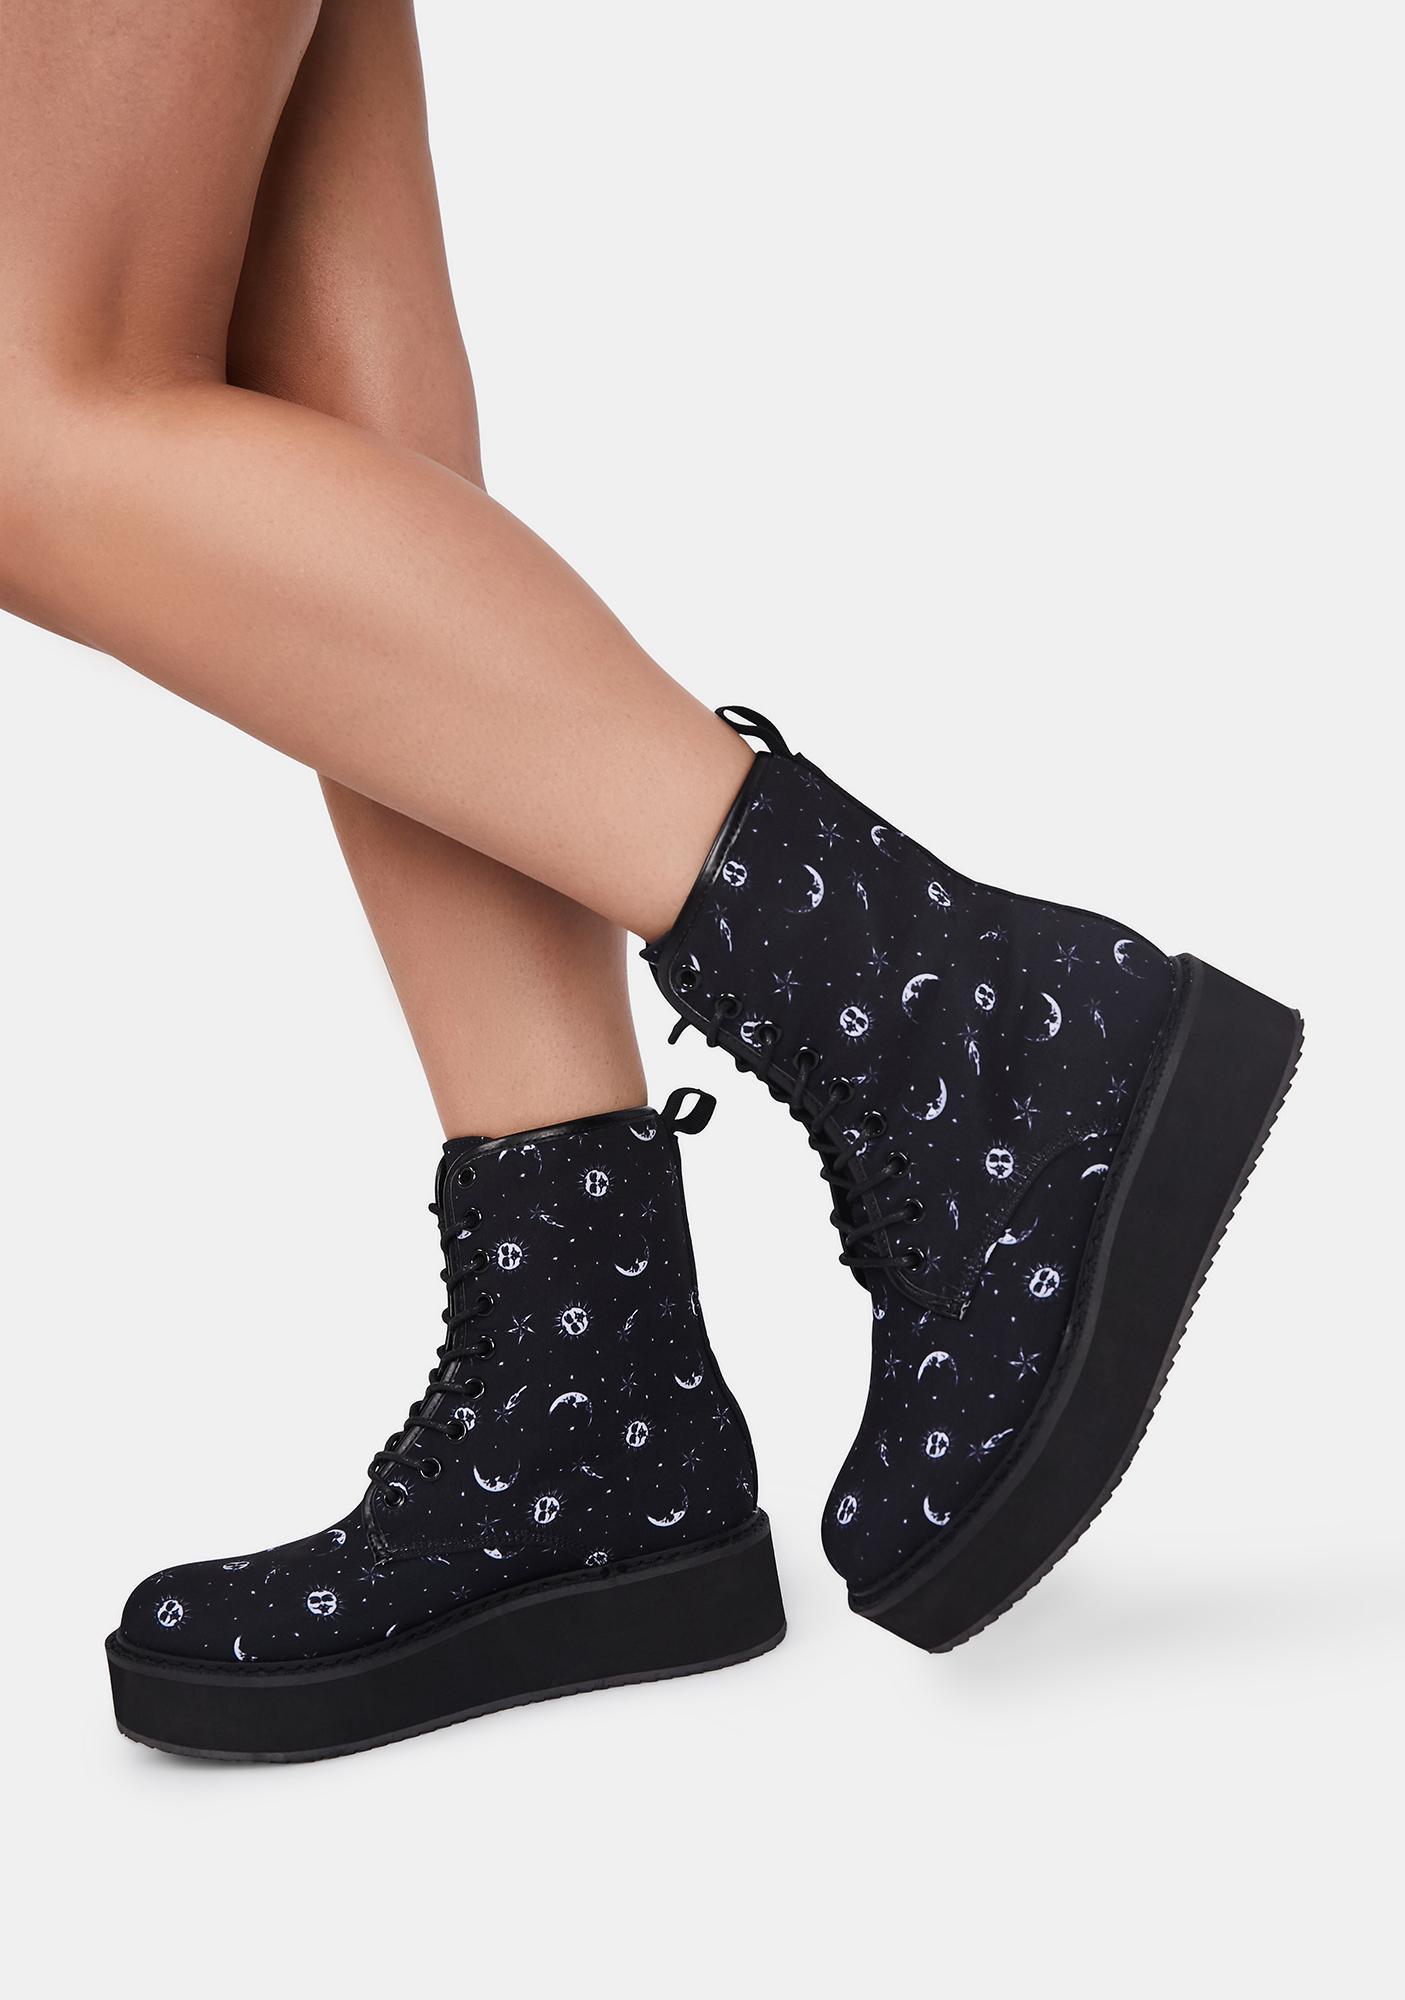 Starlight Affair Platform Boots